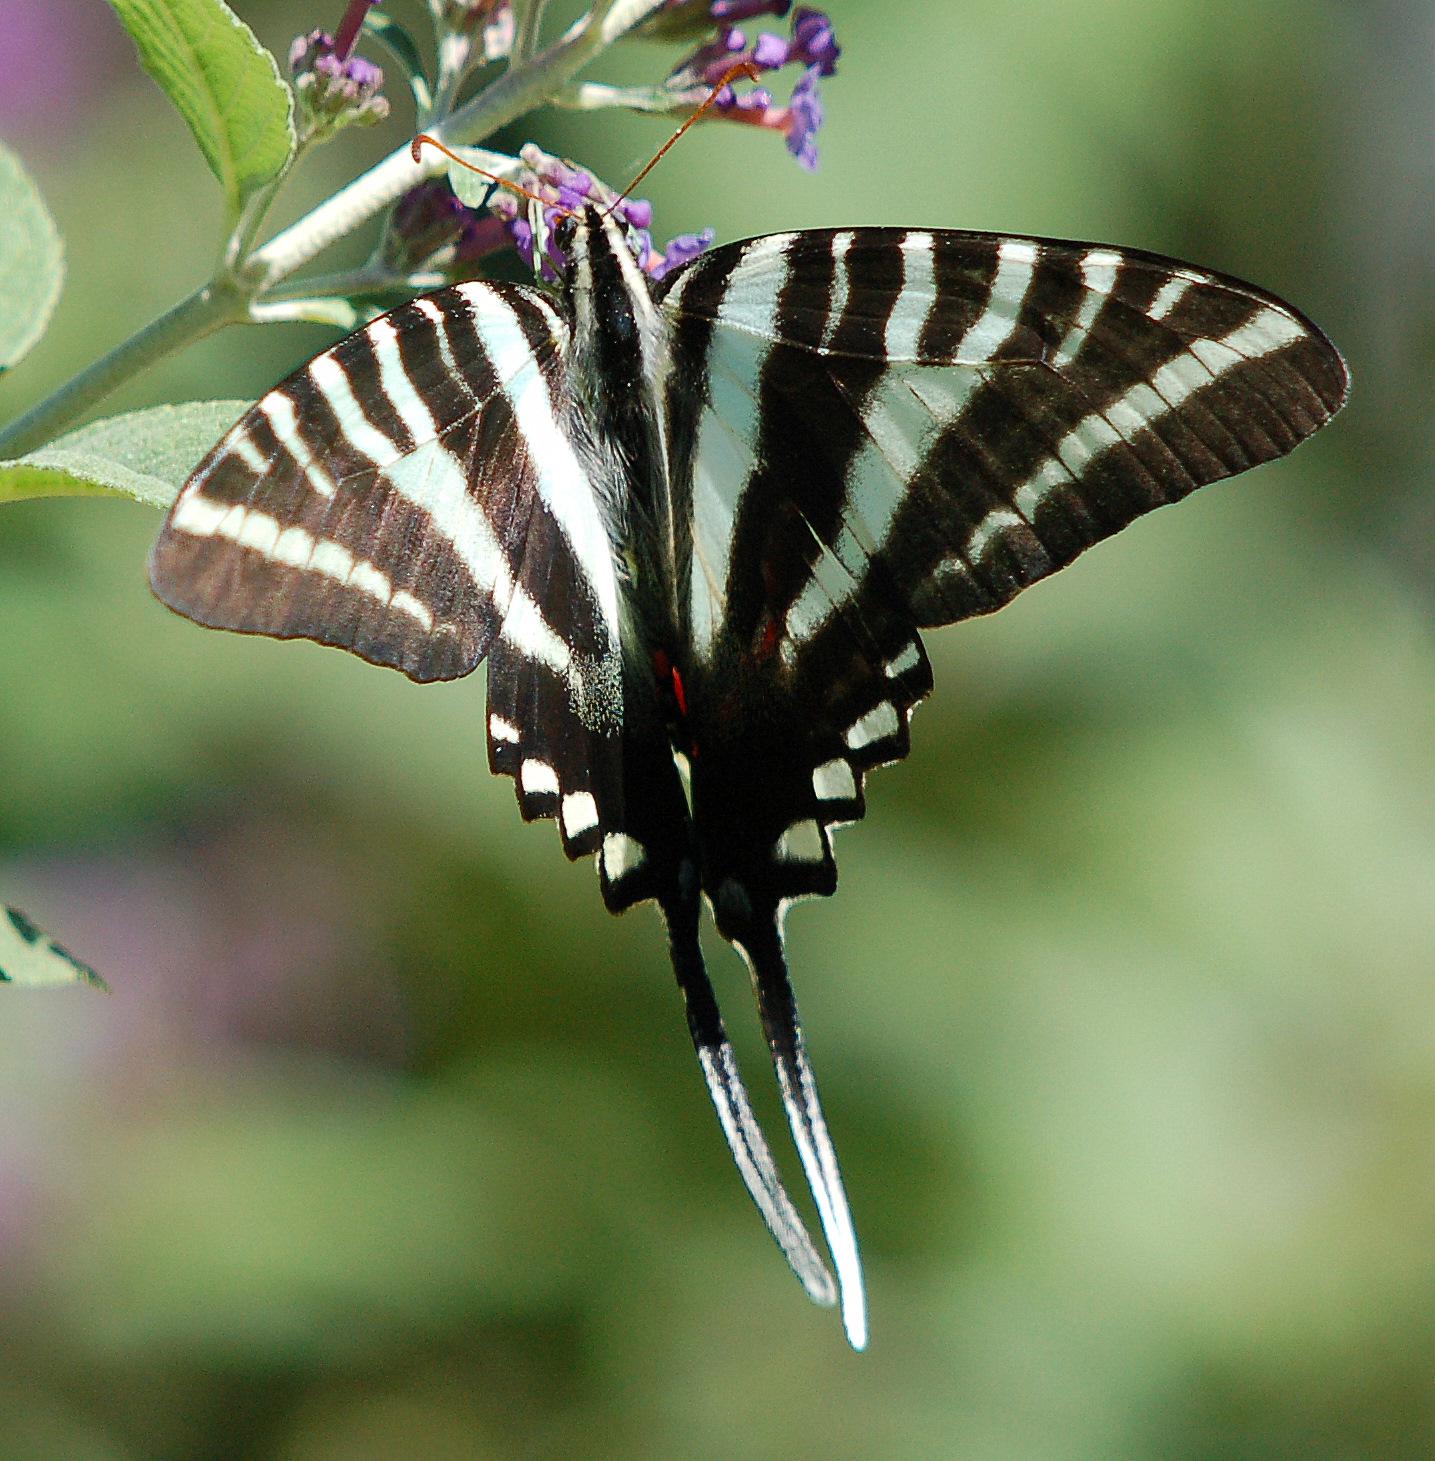 Zebra Swallowtail Butterfly Caterpillar The zebra swallowtail does notZebra Swallowtail Caterpillar